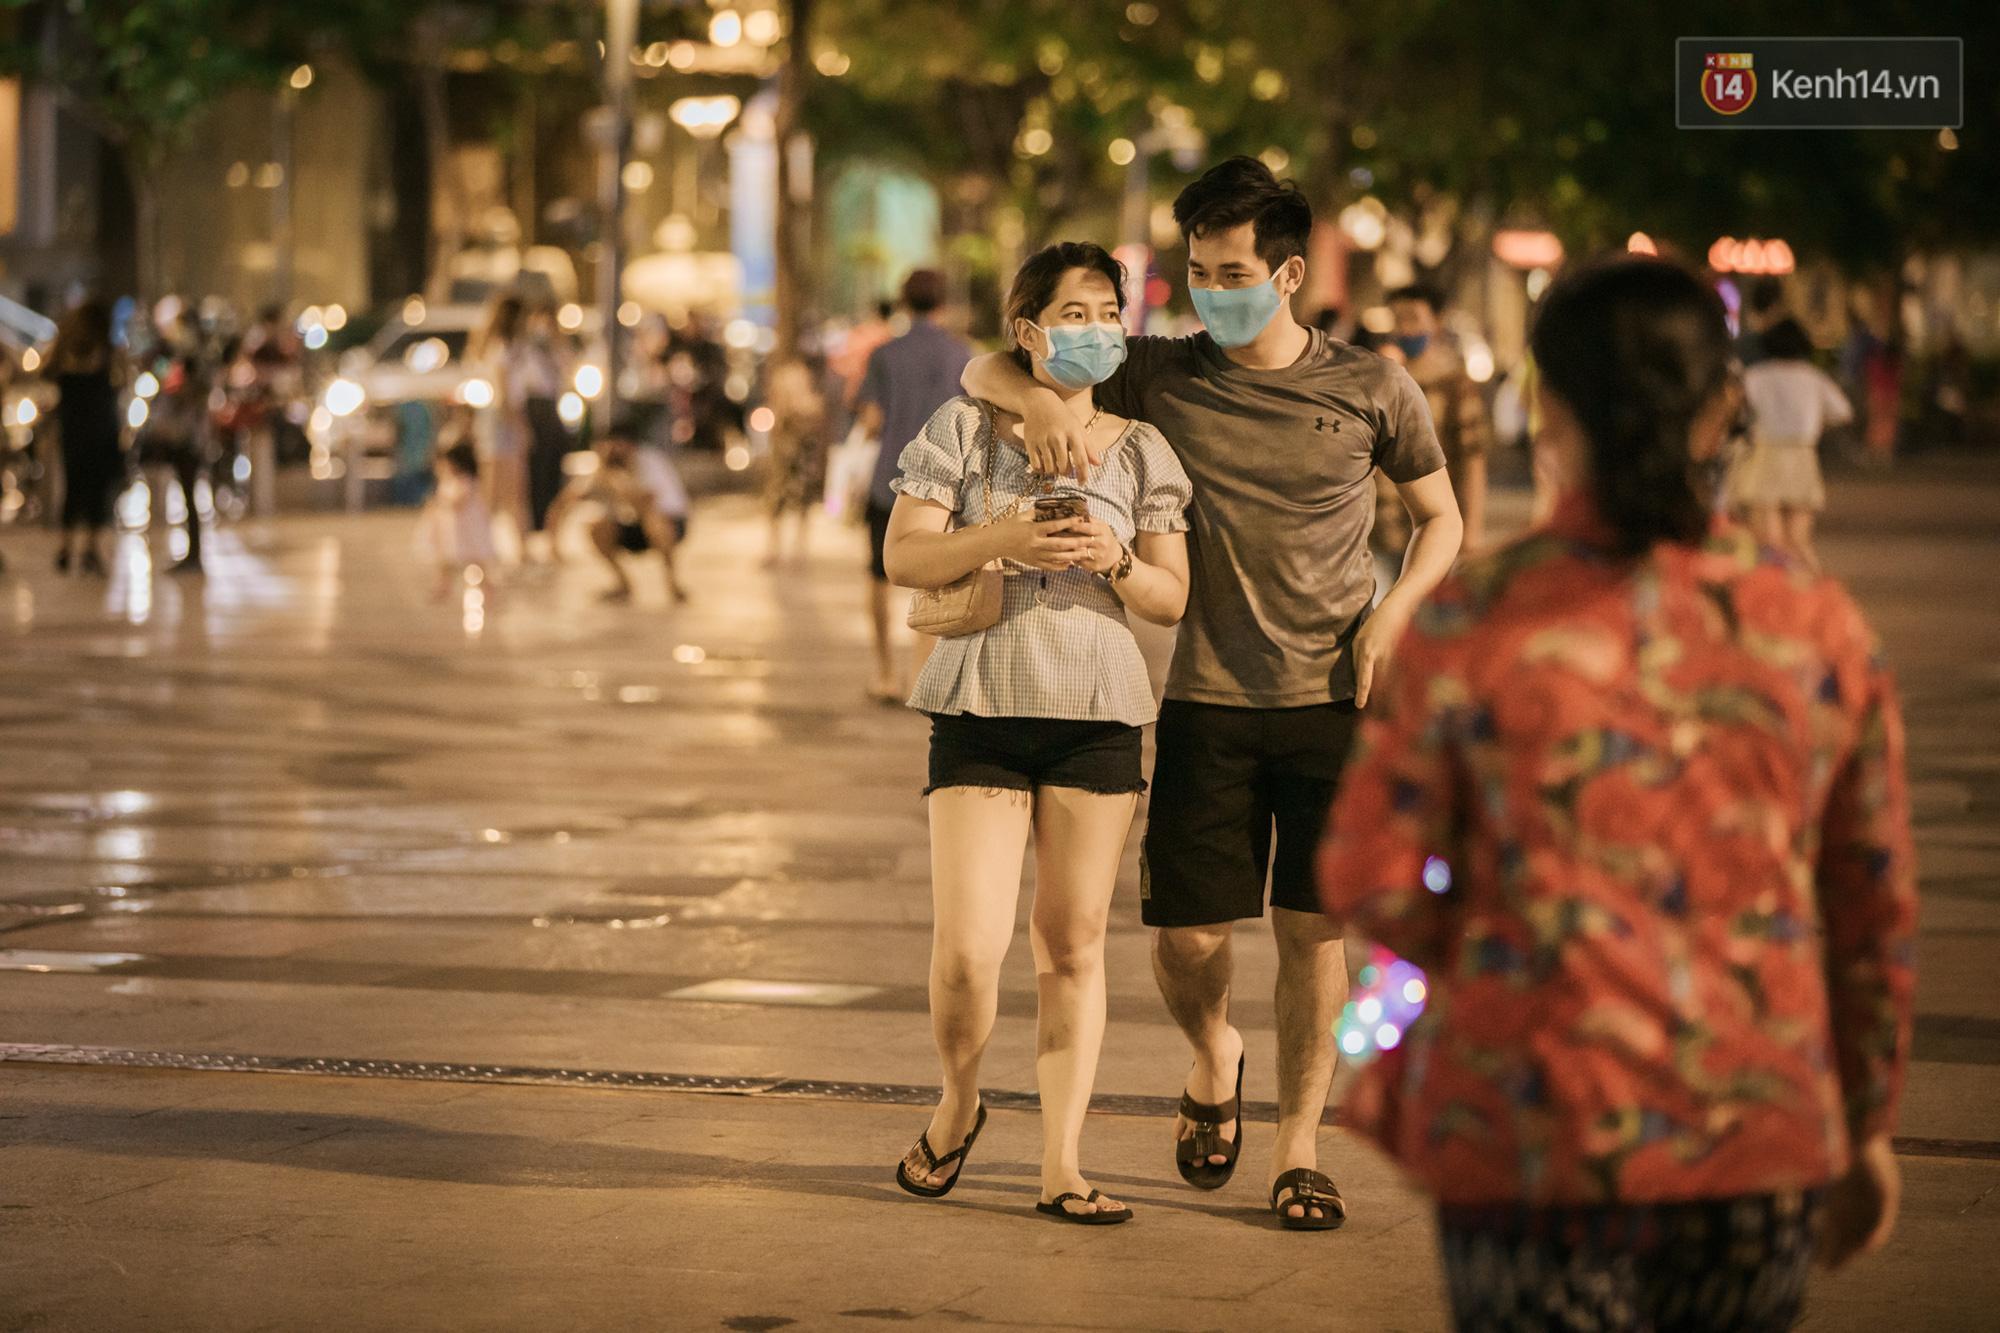 Sài Gòn nhộn nhịp trong buổi tối nghỉ lễ đầu tiên: Khu vực trung tâm dần trở nên đông đúc, nhiều người lo sợ vẫn 'kè kè' chiếc khẩu trang bên mình Ảnh 5